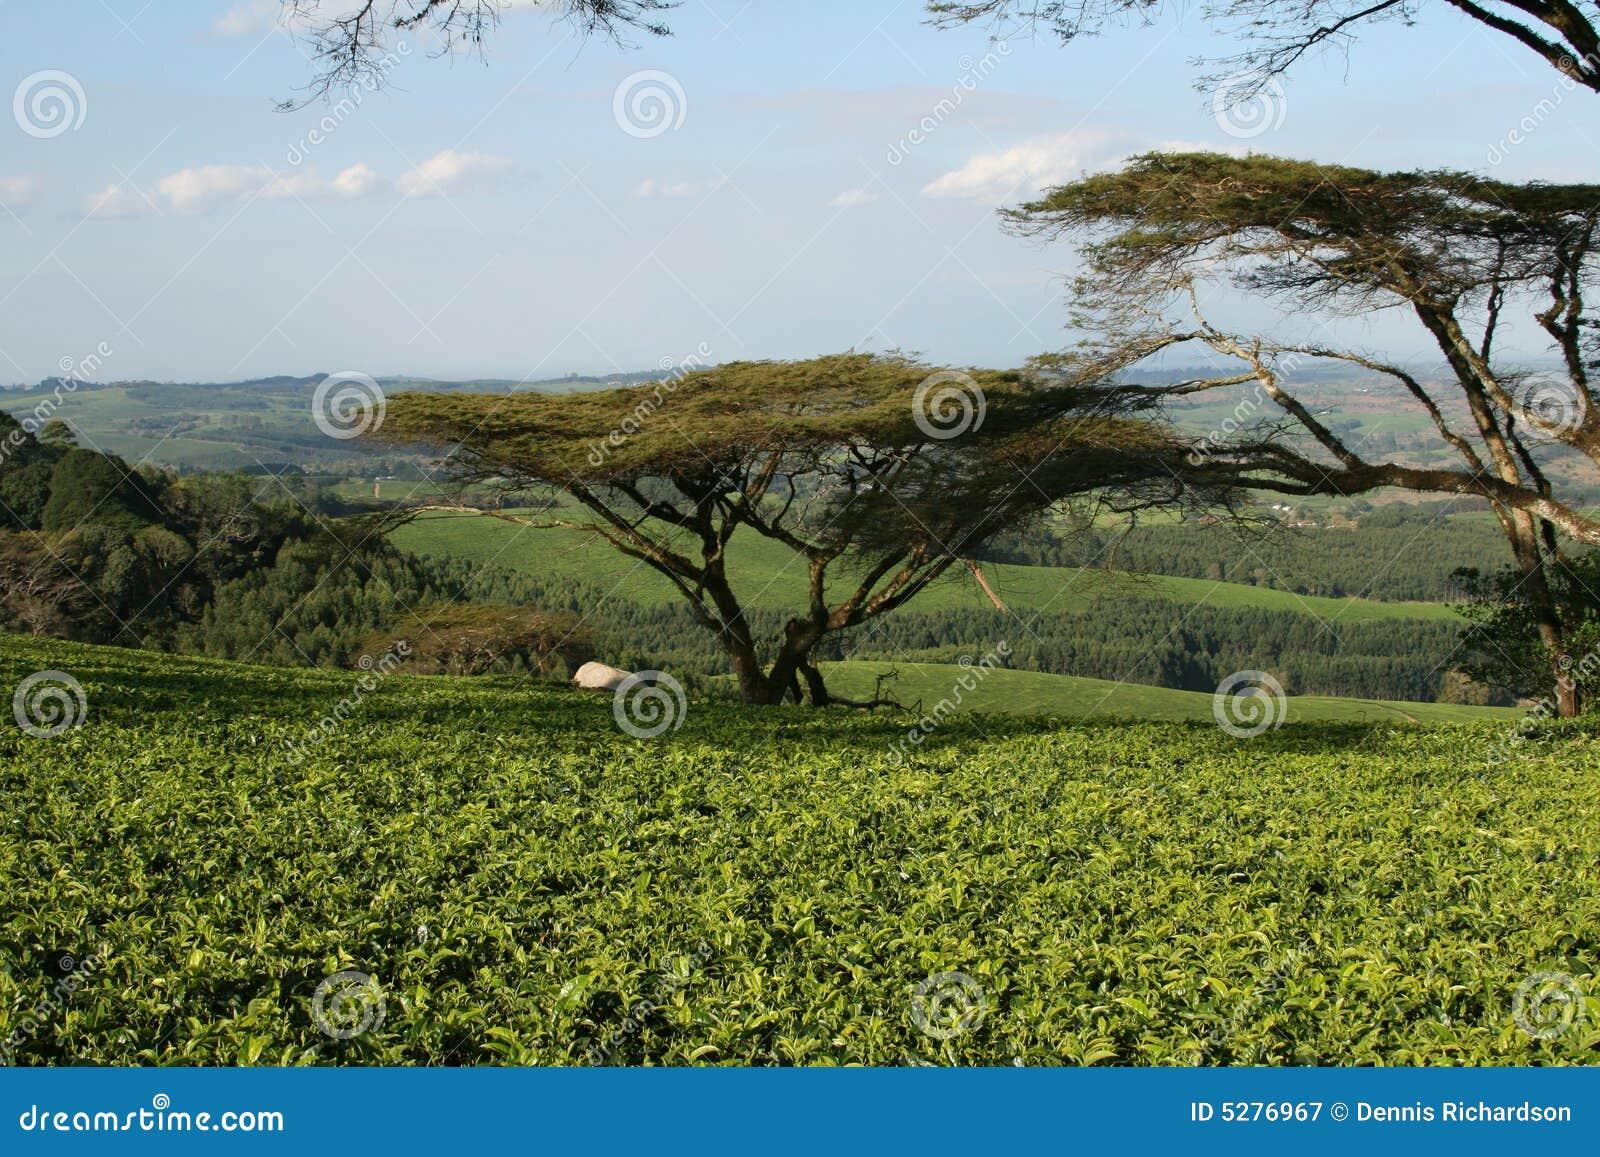 Plantación de té en Malawi, África